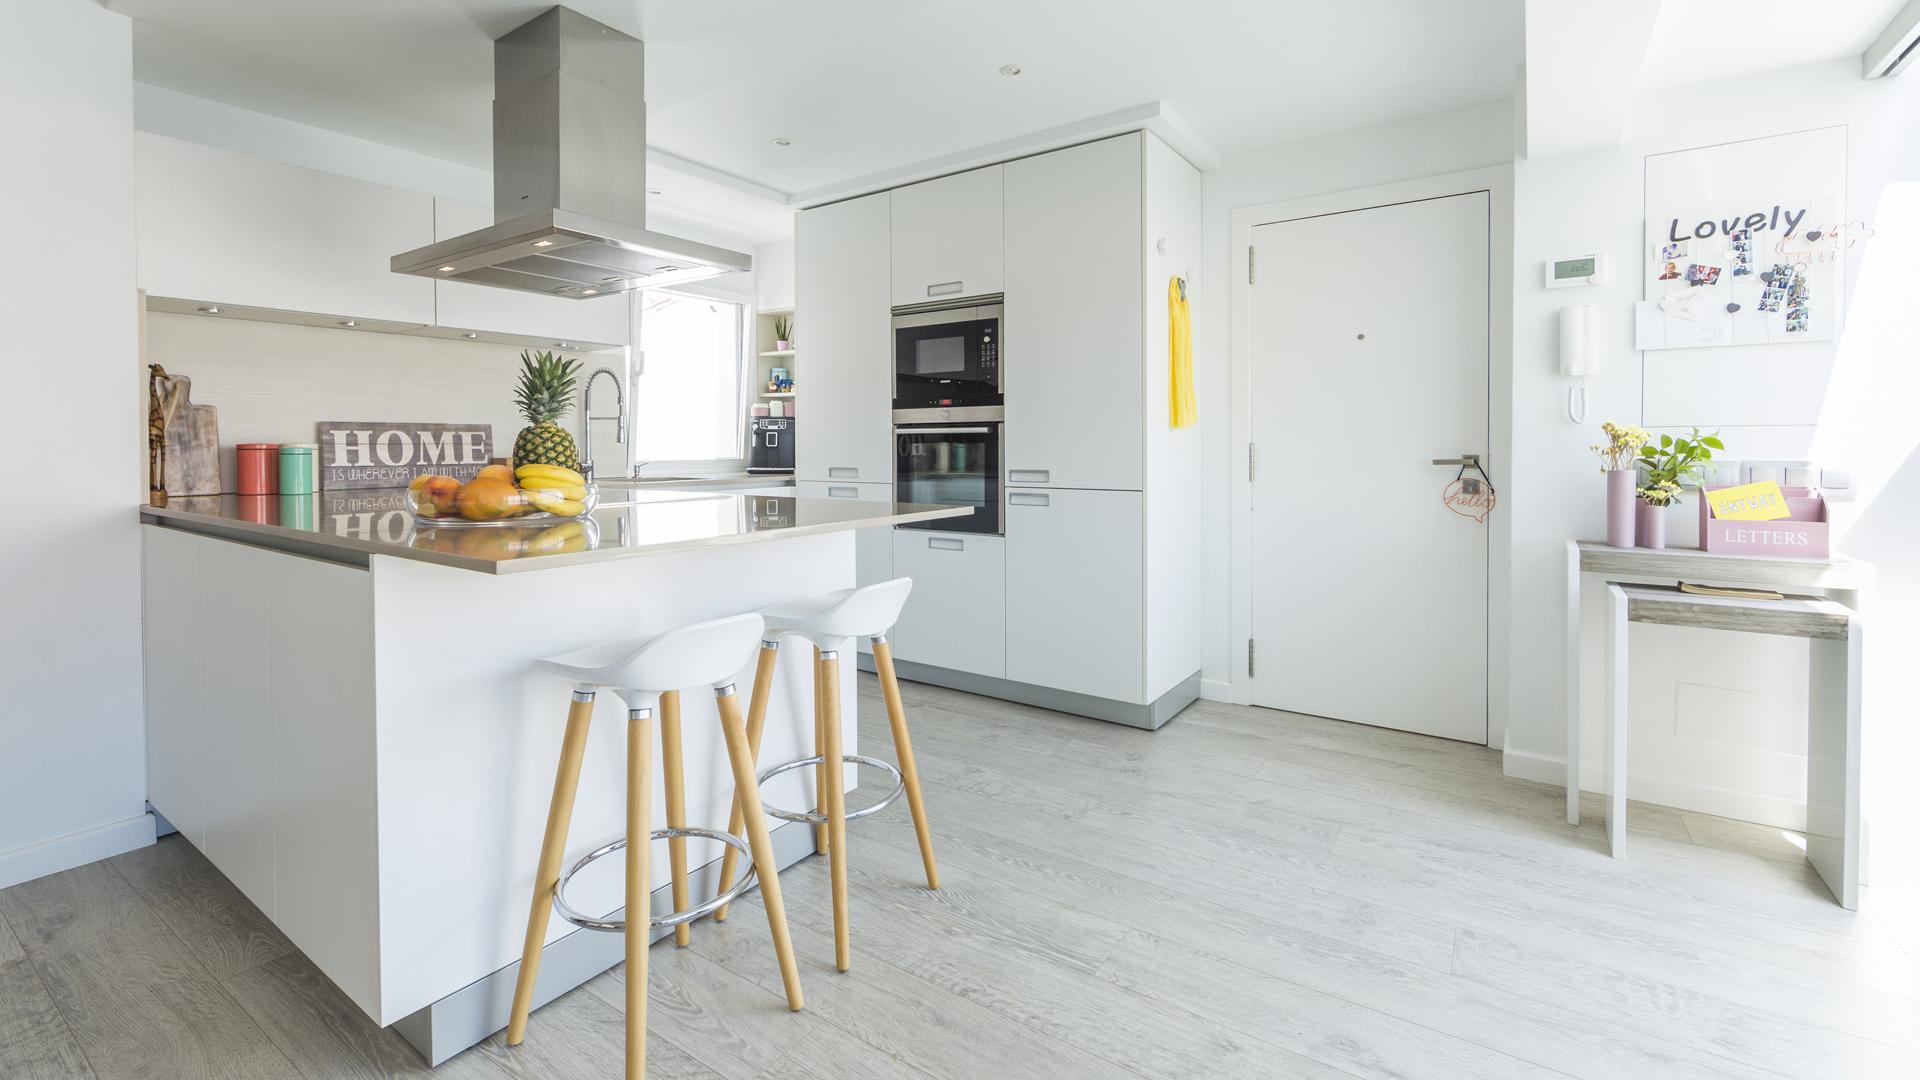 Reforma Santiago Interiores - Cocina blanca abierta Santos - Entrada